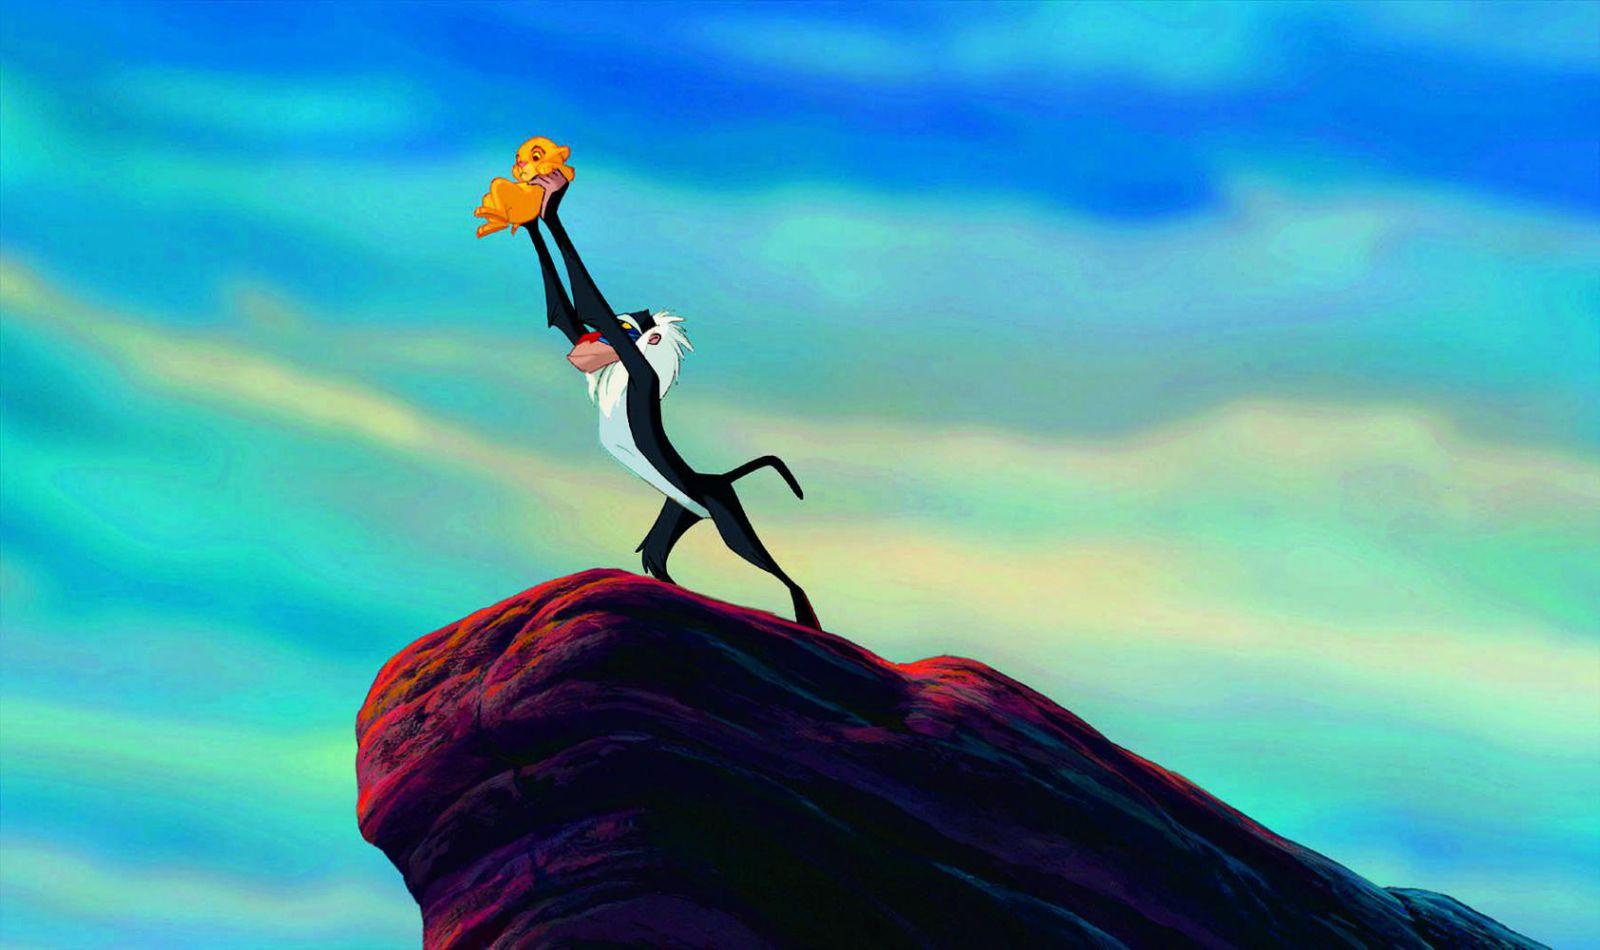 картинки из мультфильма король лев